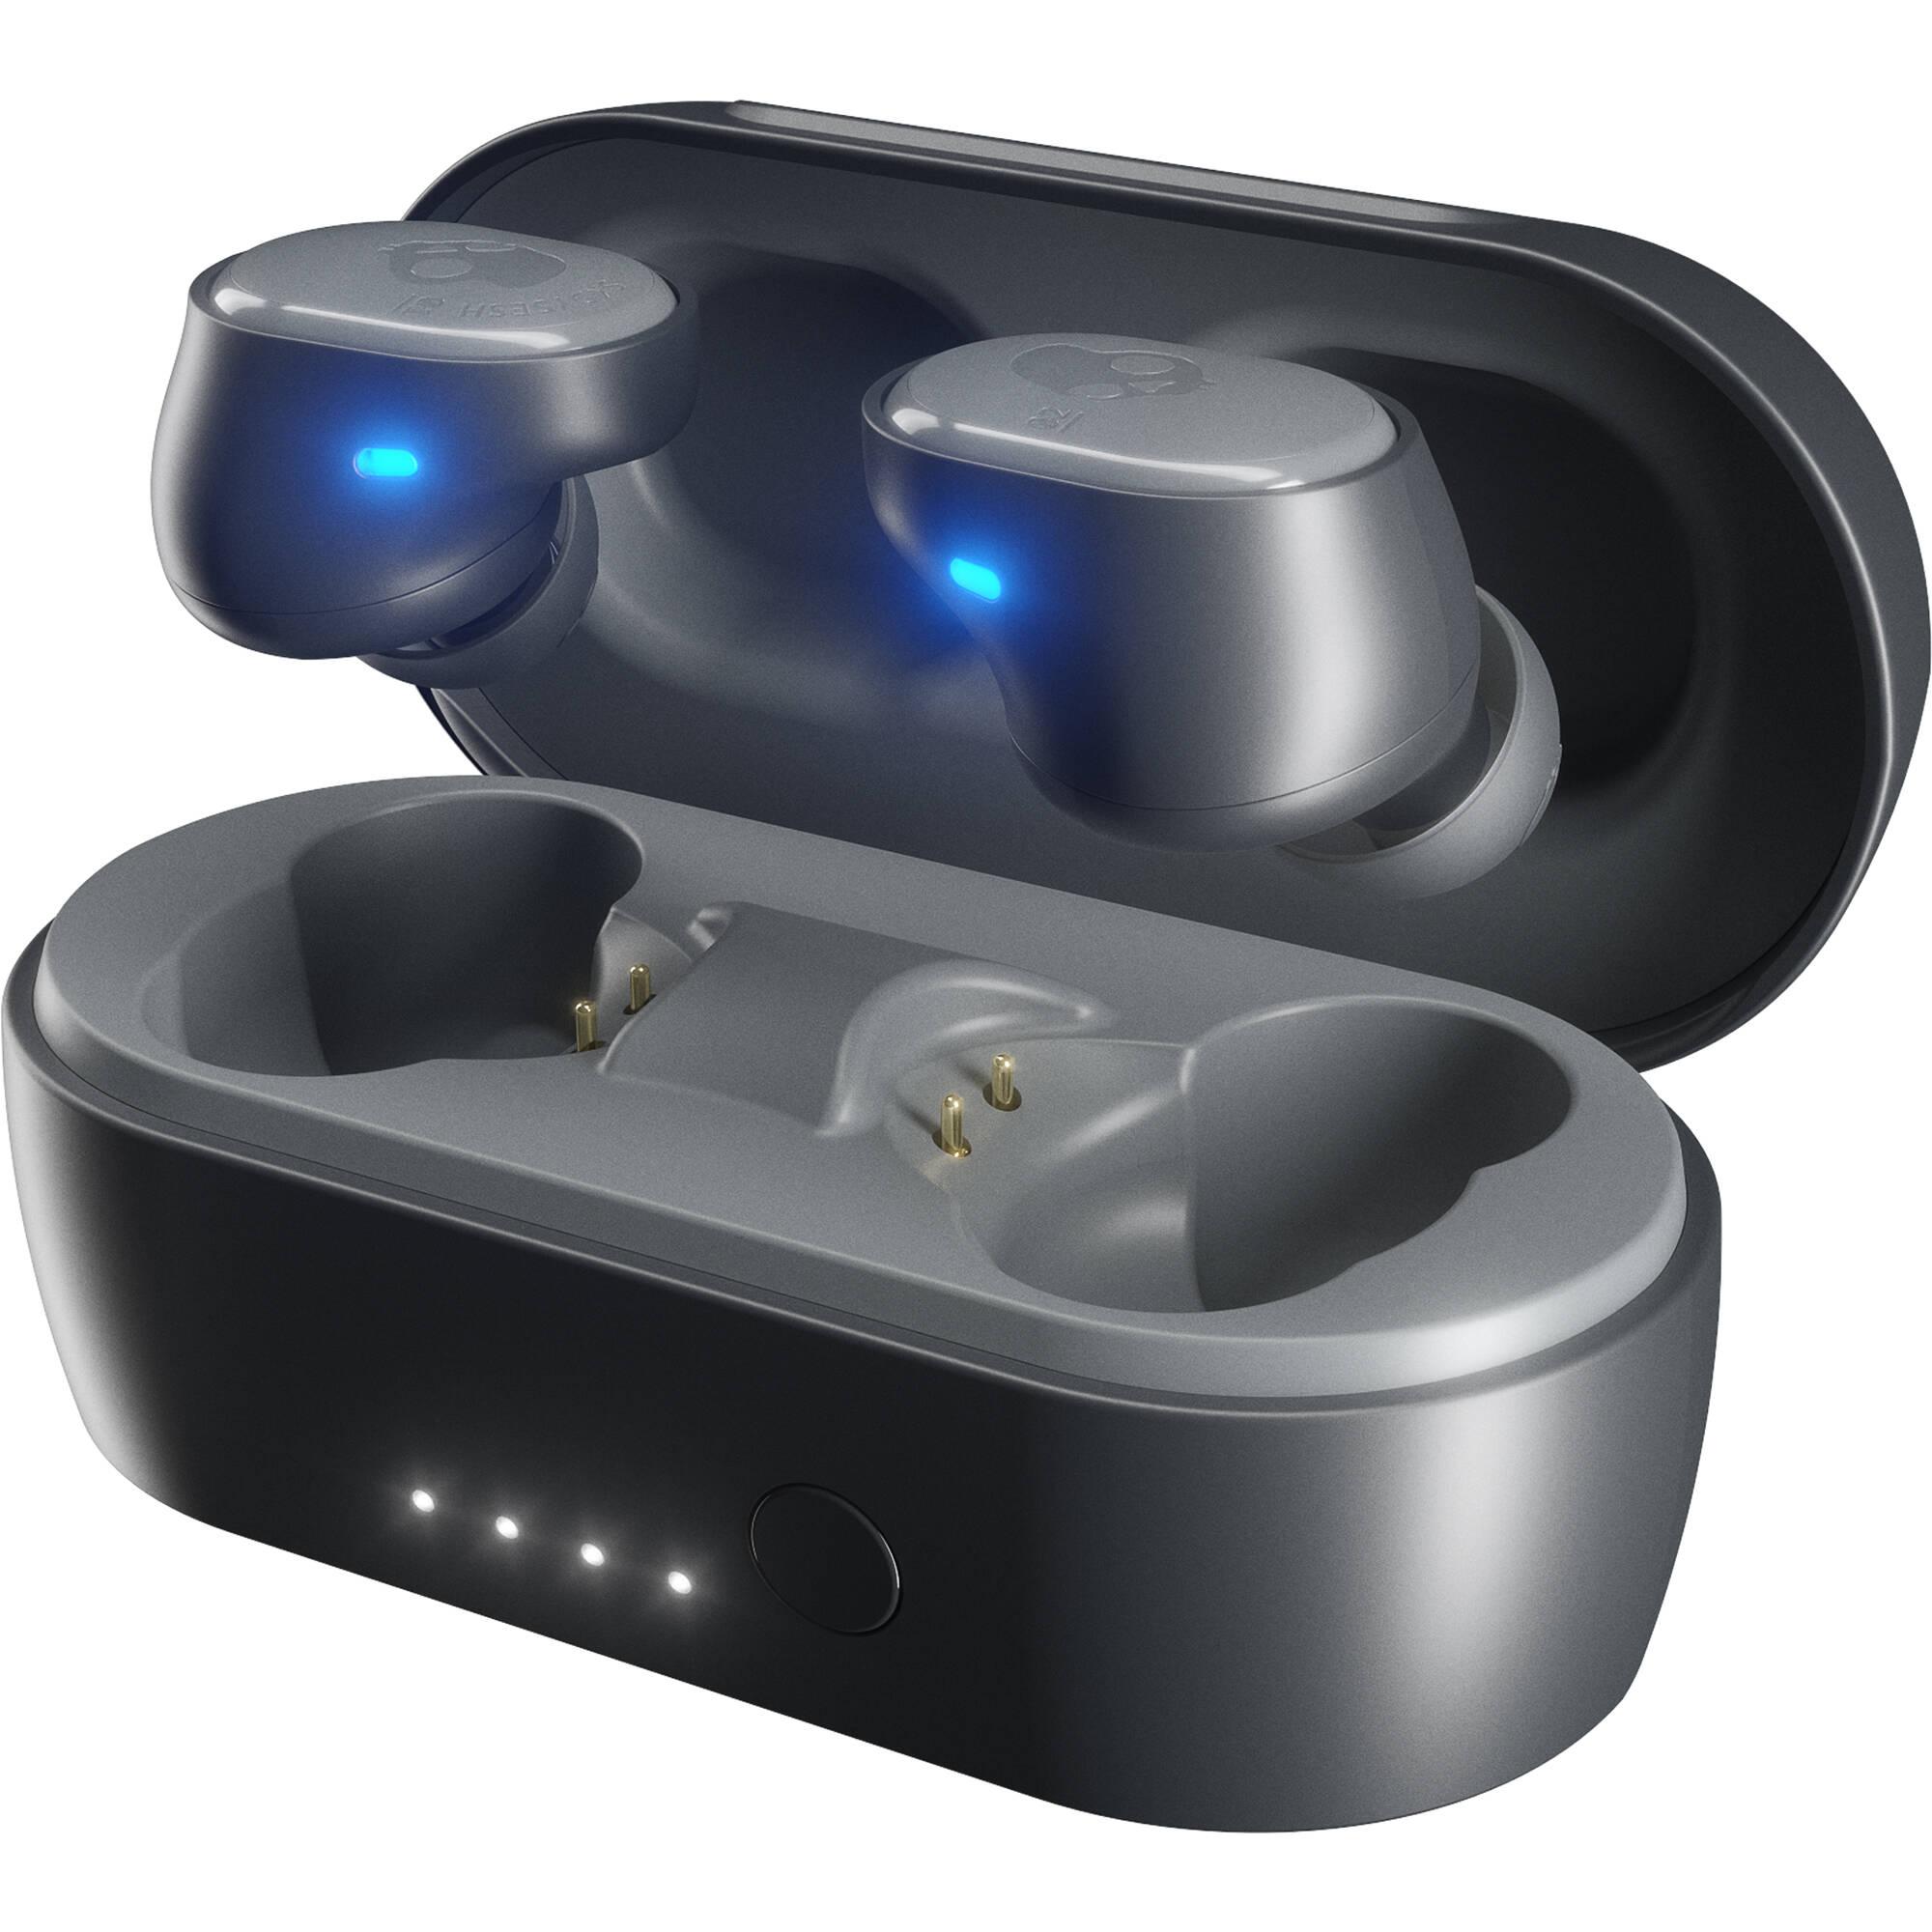 Skullcandy Sesh True Wireless In Ear Earphones S2tdw M723 B H